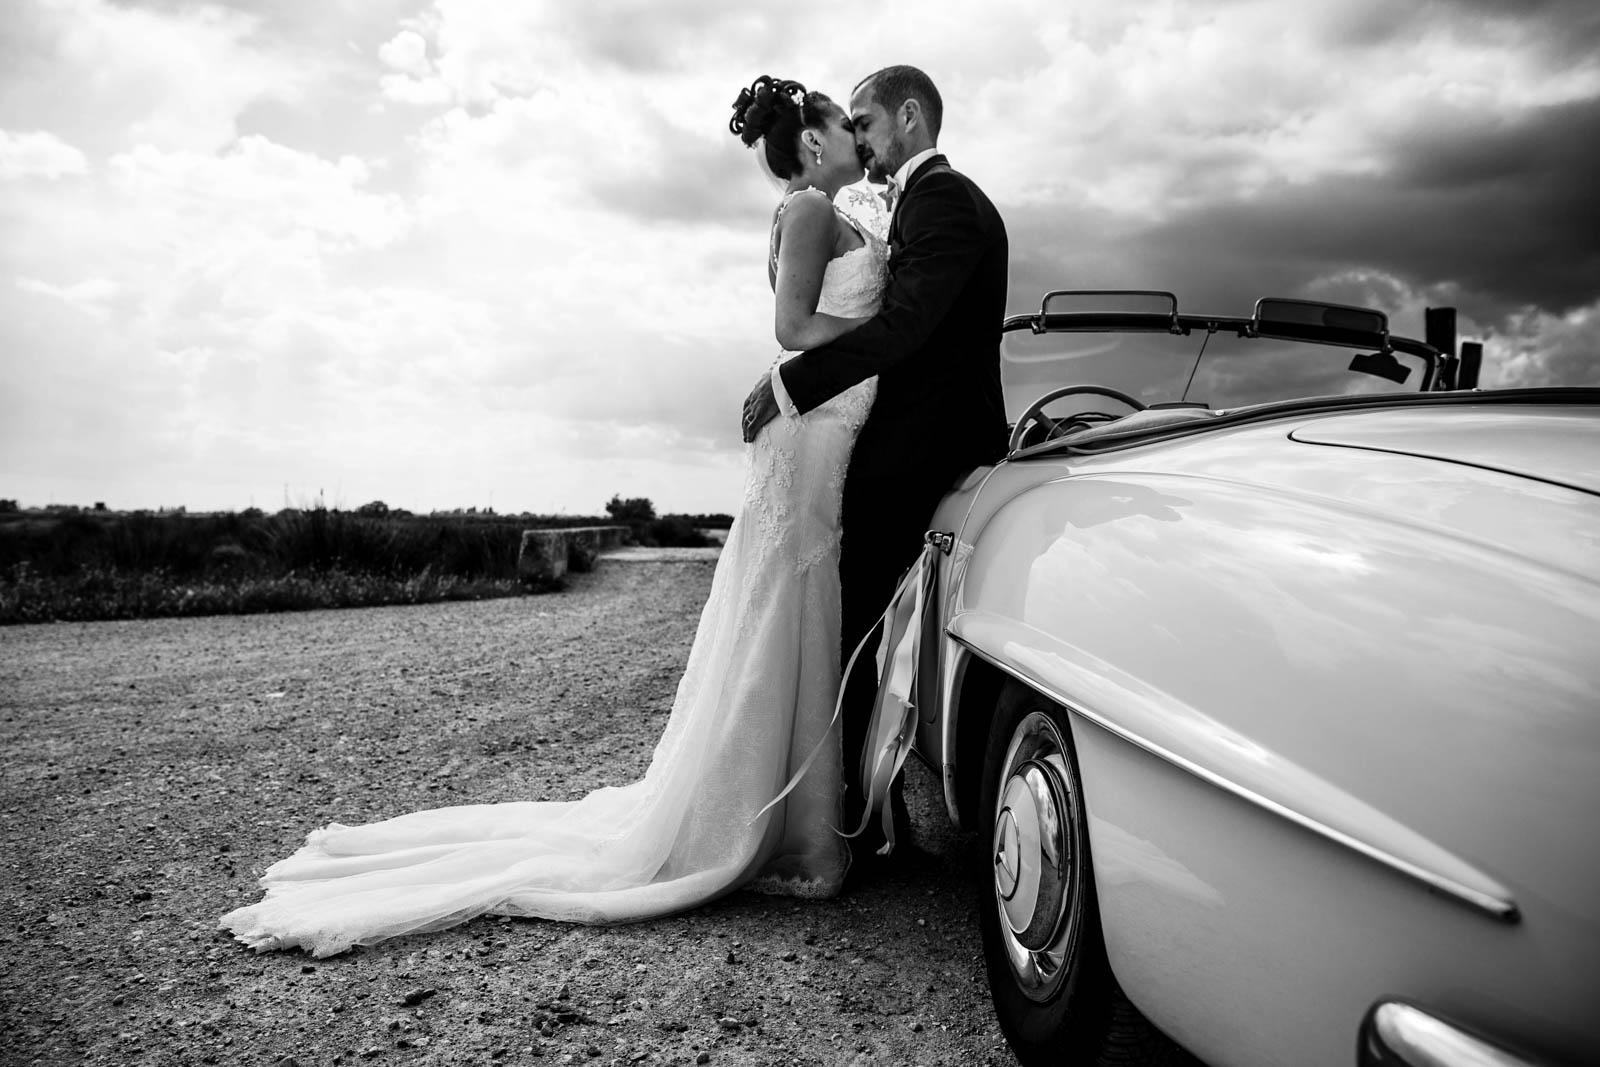 photographe-couple-mariage-carcassonne-19